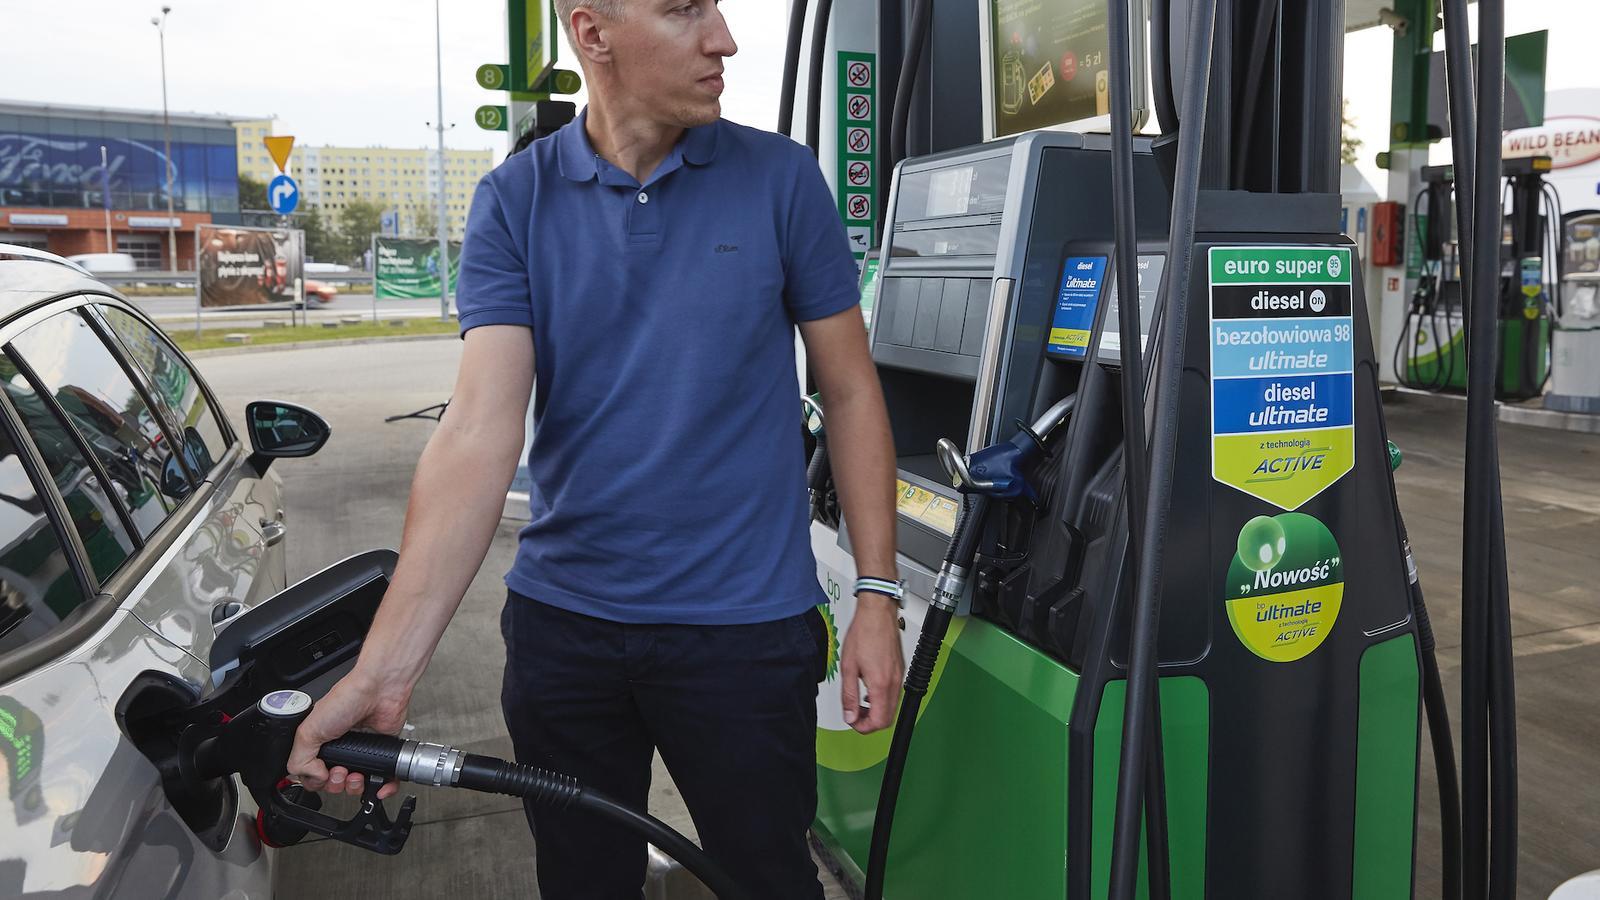 Nowe oznaczenia na stacjach paliw obowiązkowe od stycznia